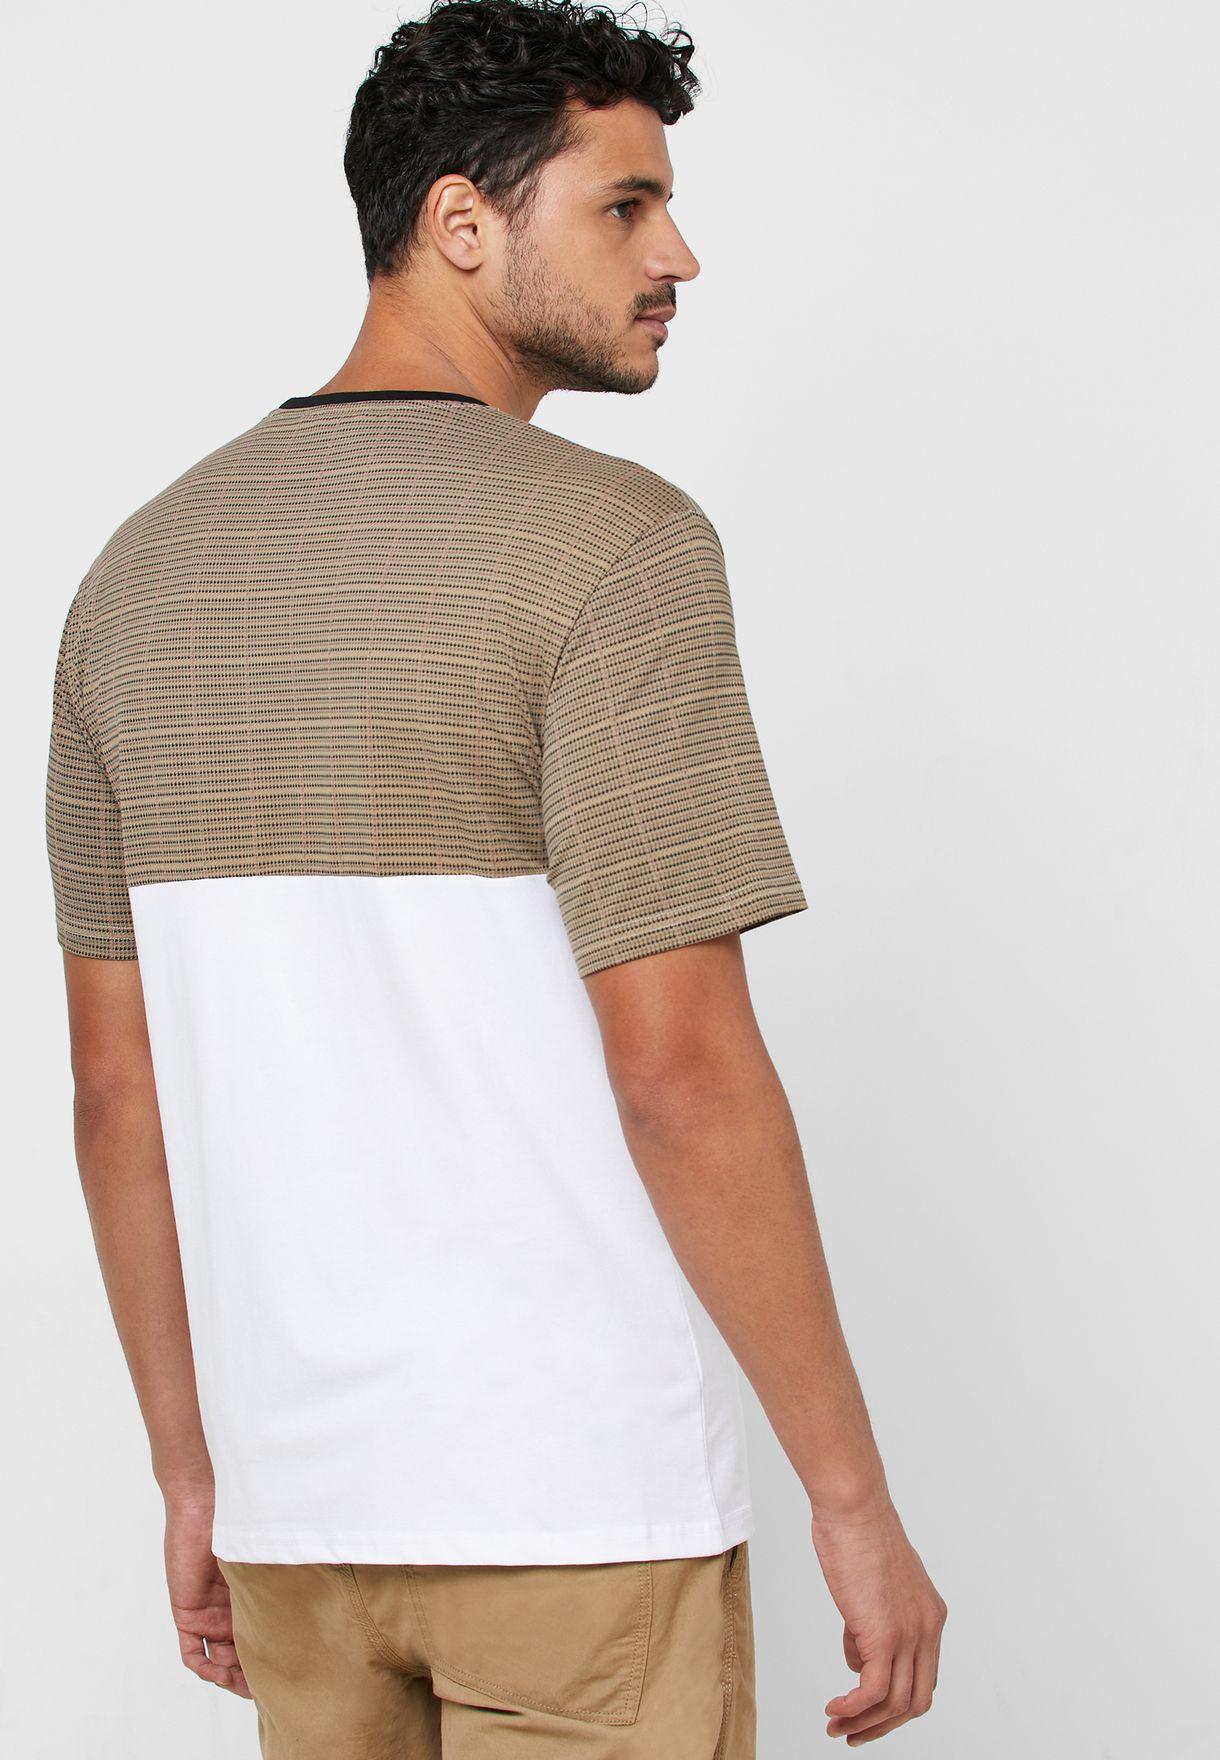 Mstefan Color Block Crew Neck T-Shirt